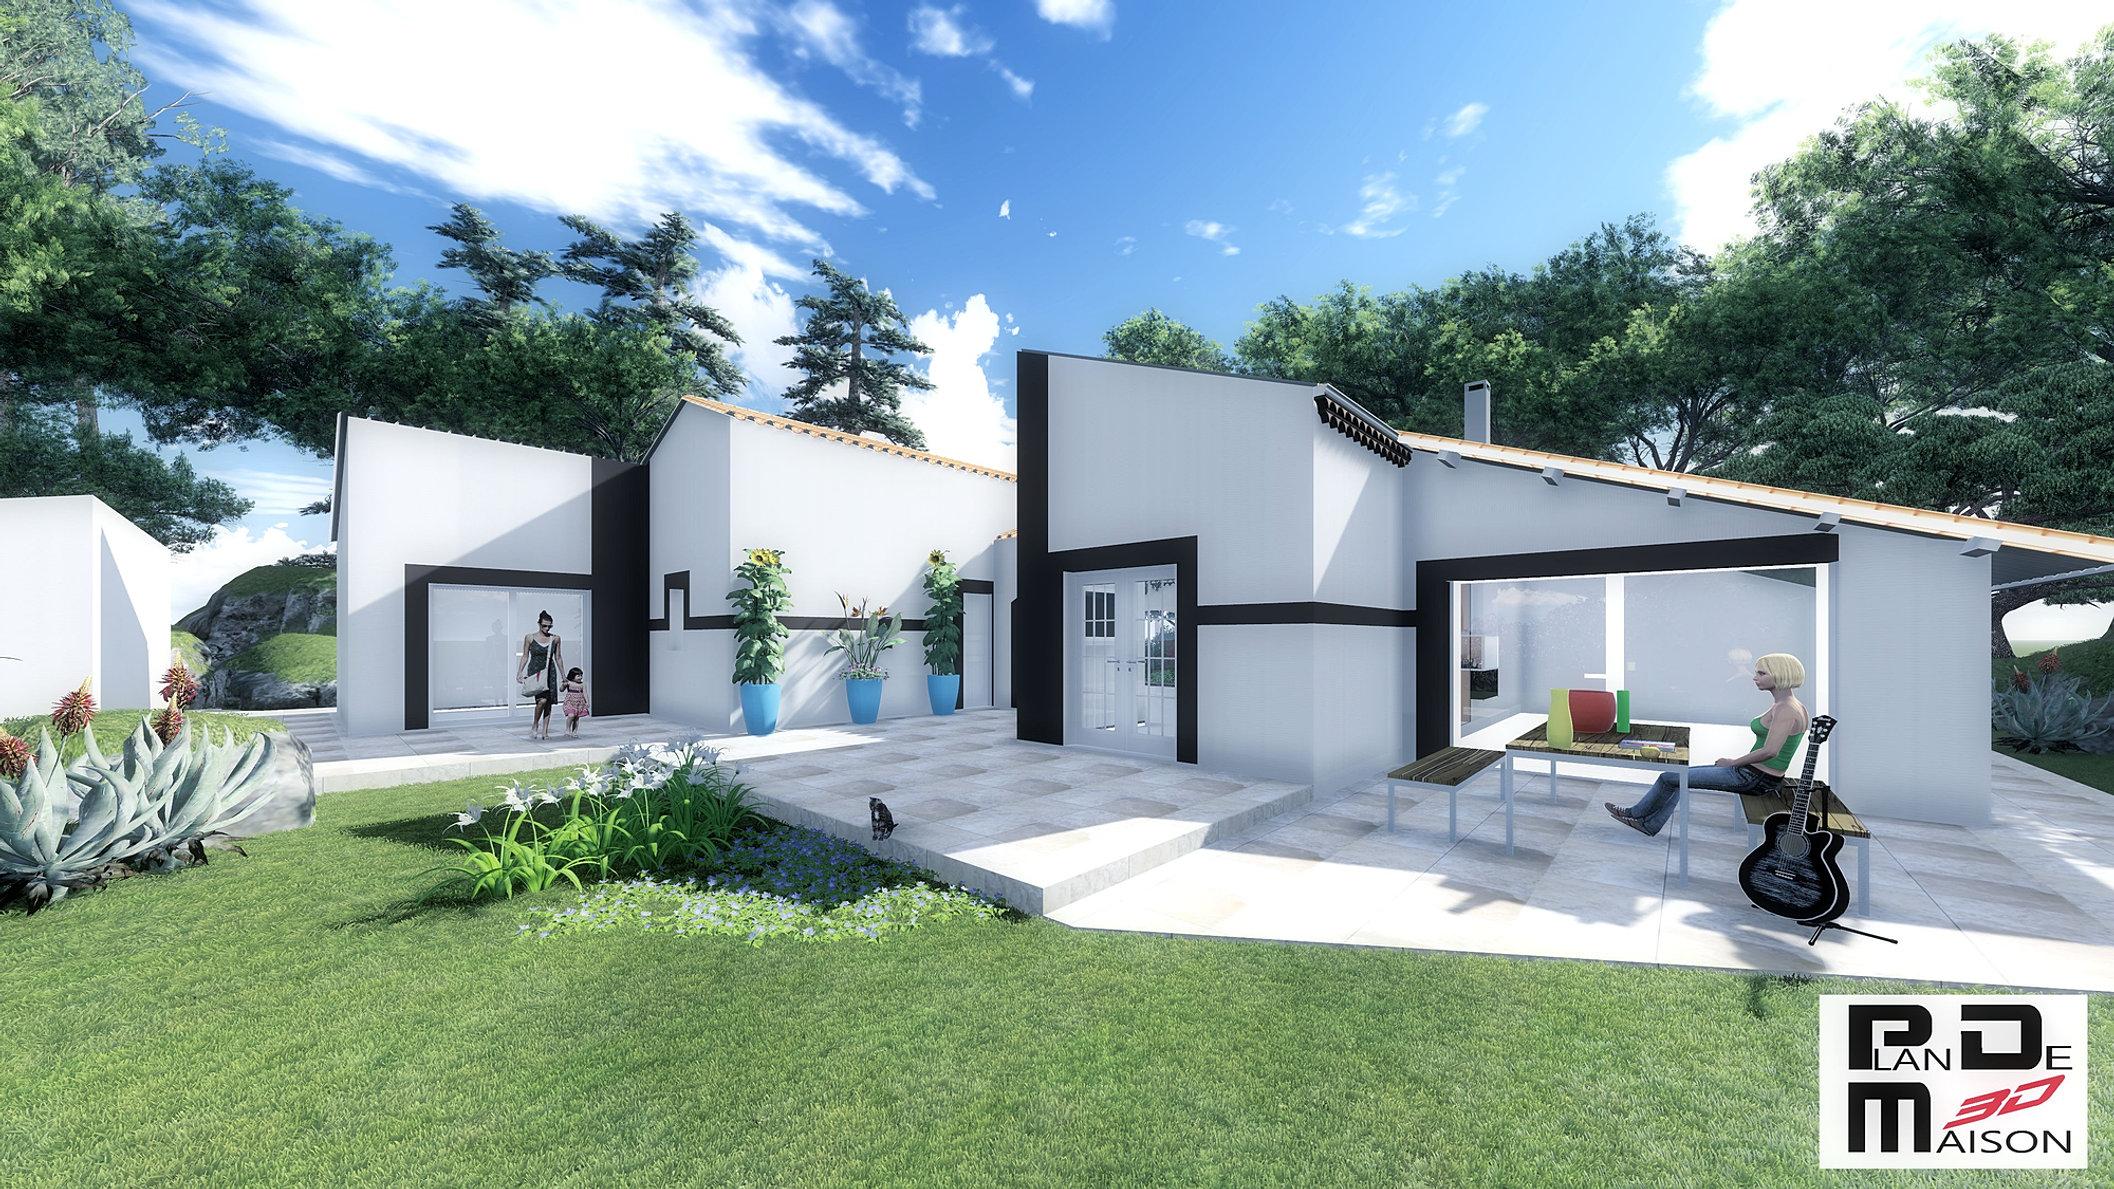 plan maison contemporaine luxe conception de la maison. Black Bedroom Furniture Sets. Home Design Ideas